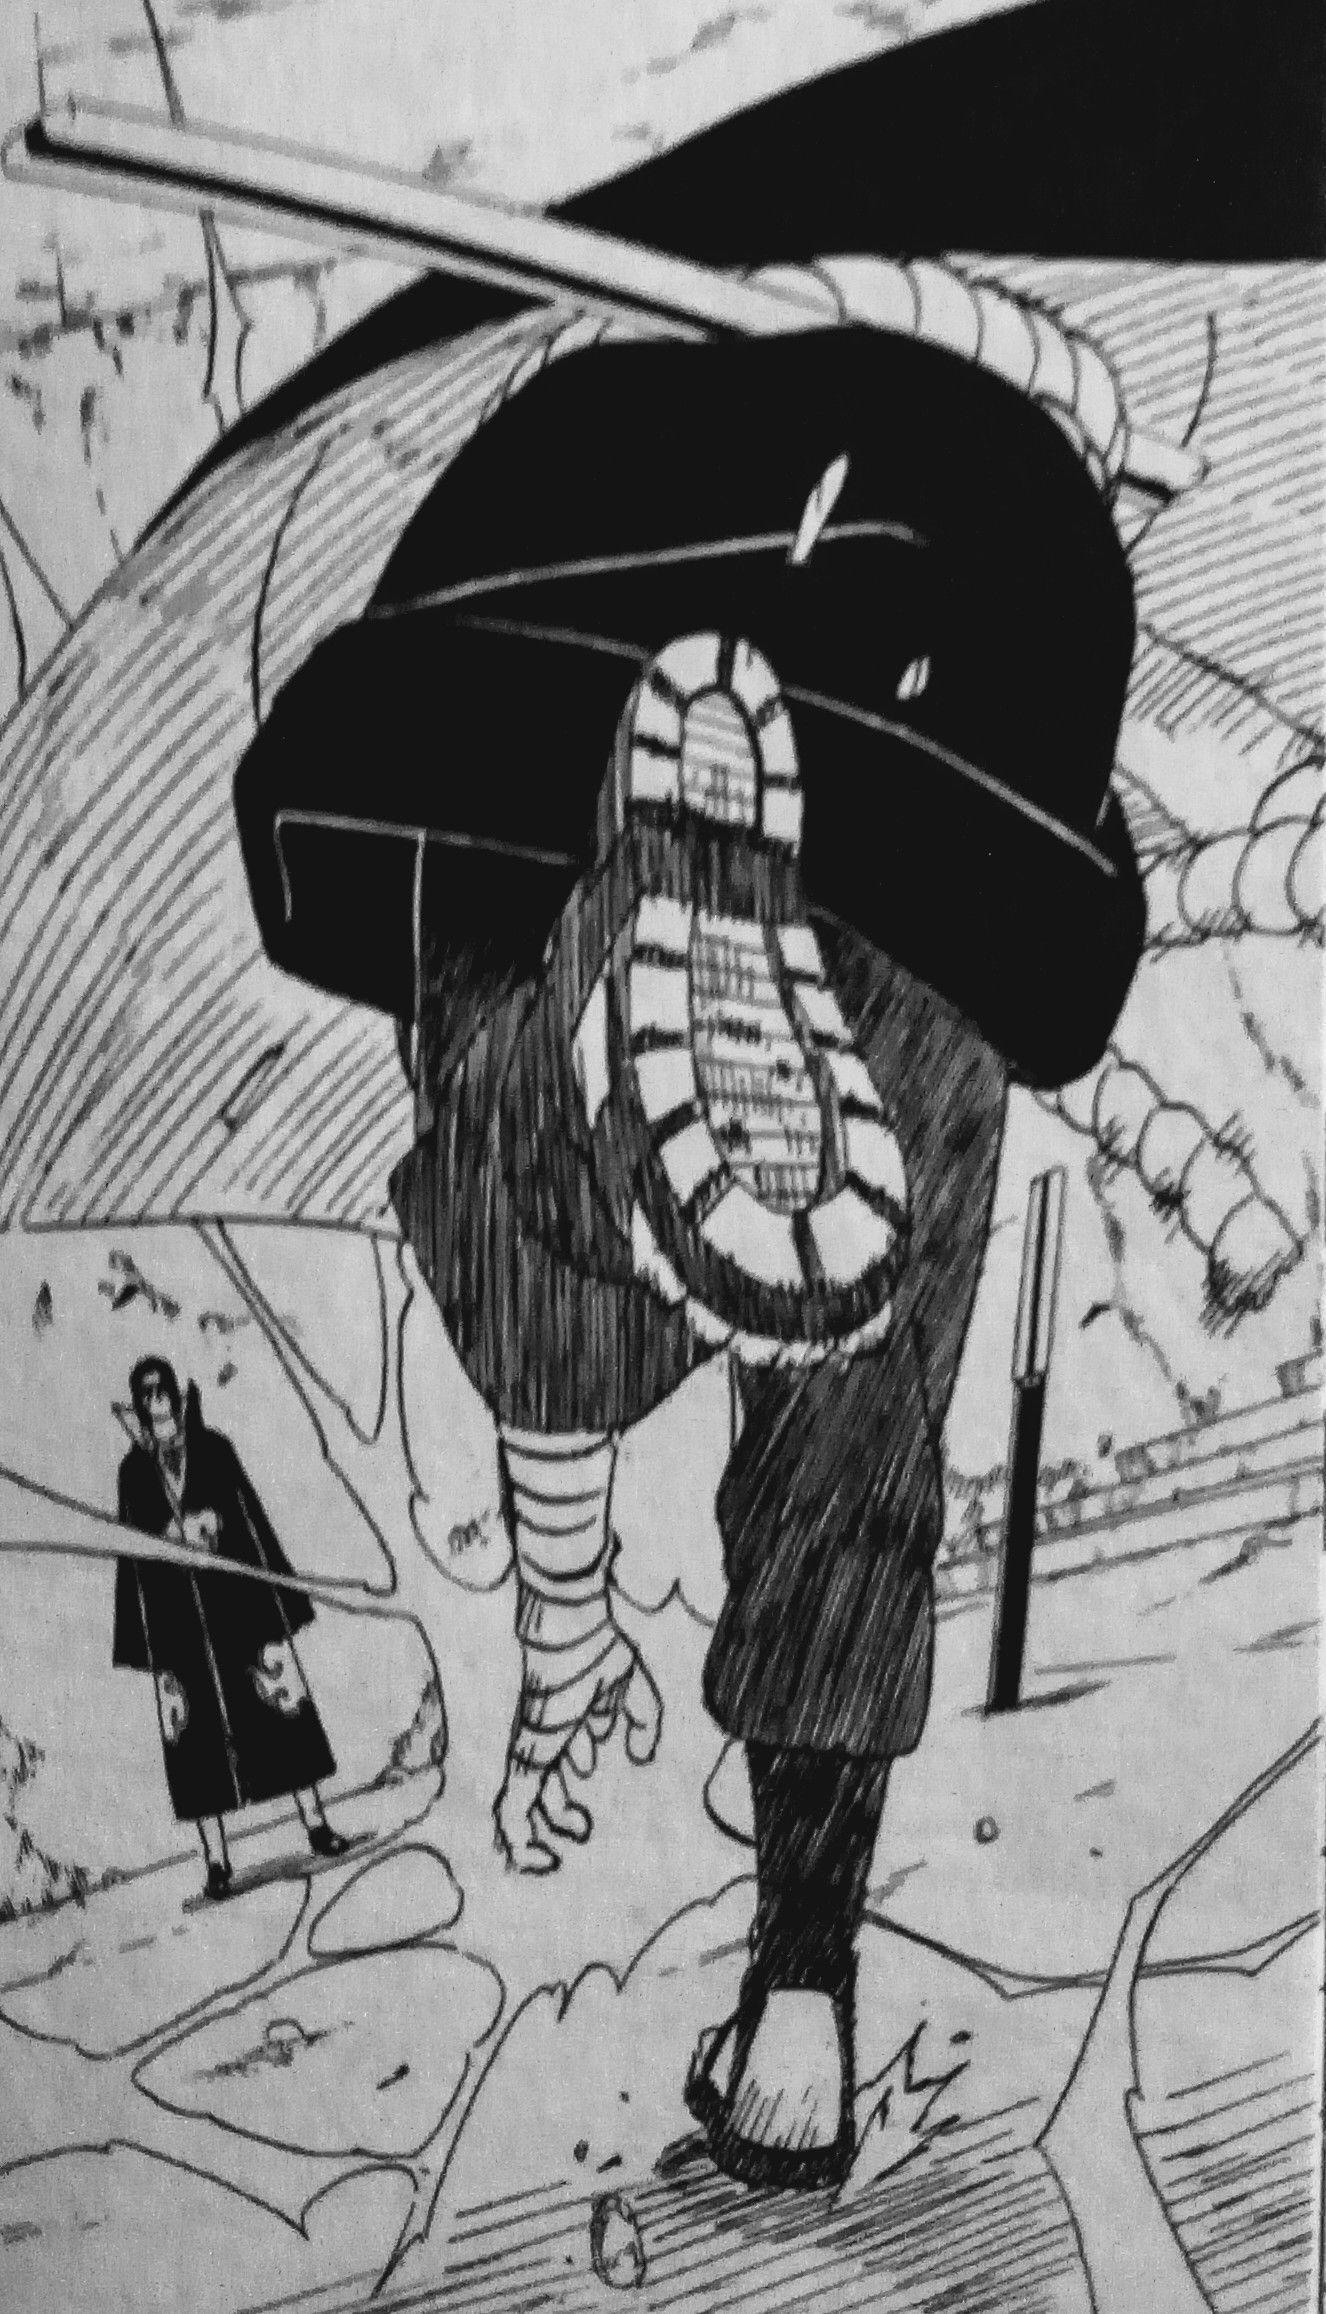 Sasuke Vs Itachi Com Imagens Naruto Manga Anime Naruto Desenho